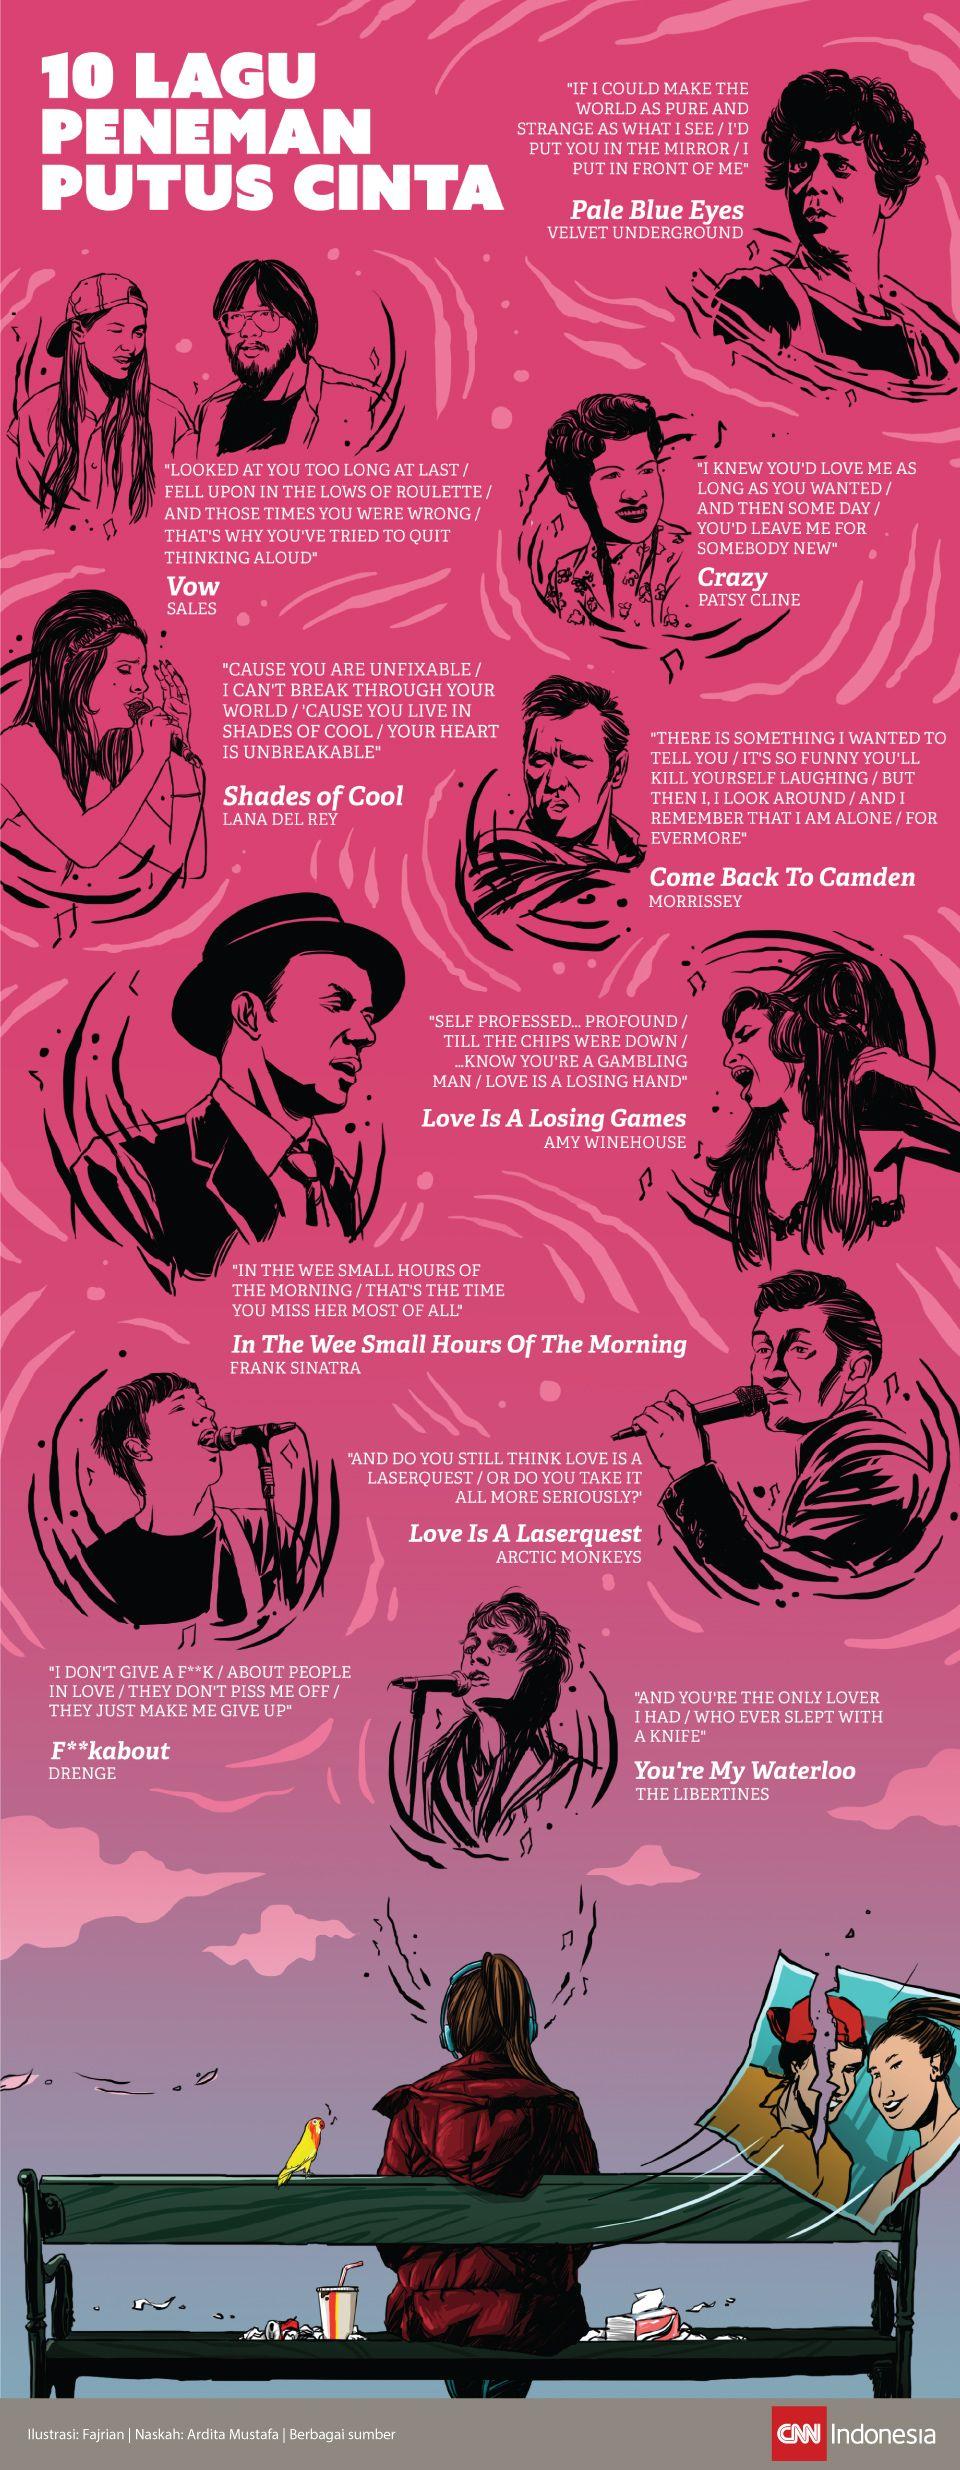 Infografis 10 Lagu Peneman Putus Cinta